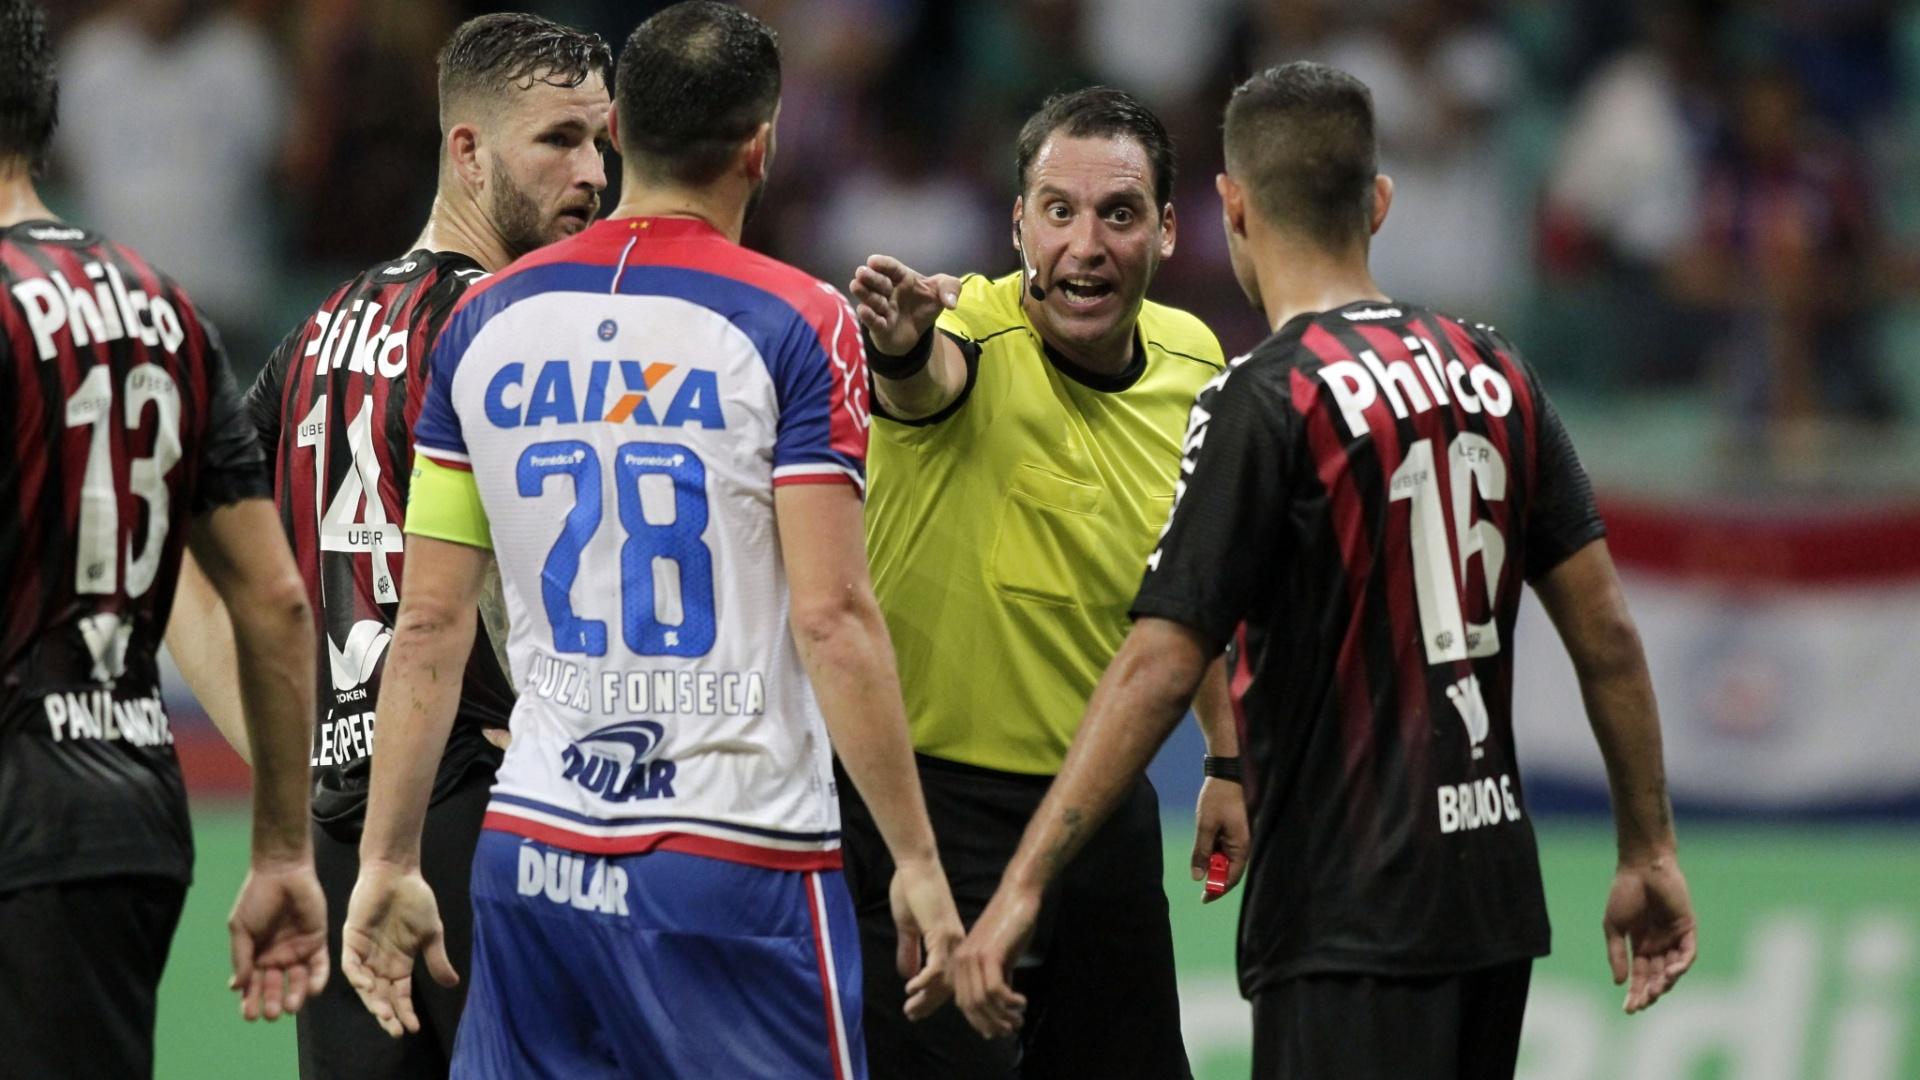 Árbitro Fernando Rapallini conversa com jogadores durante a partida entre Bahia e Atlético-PR